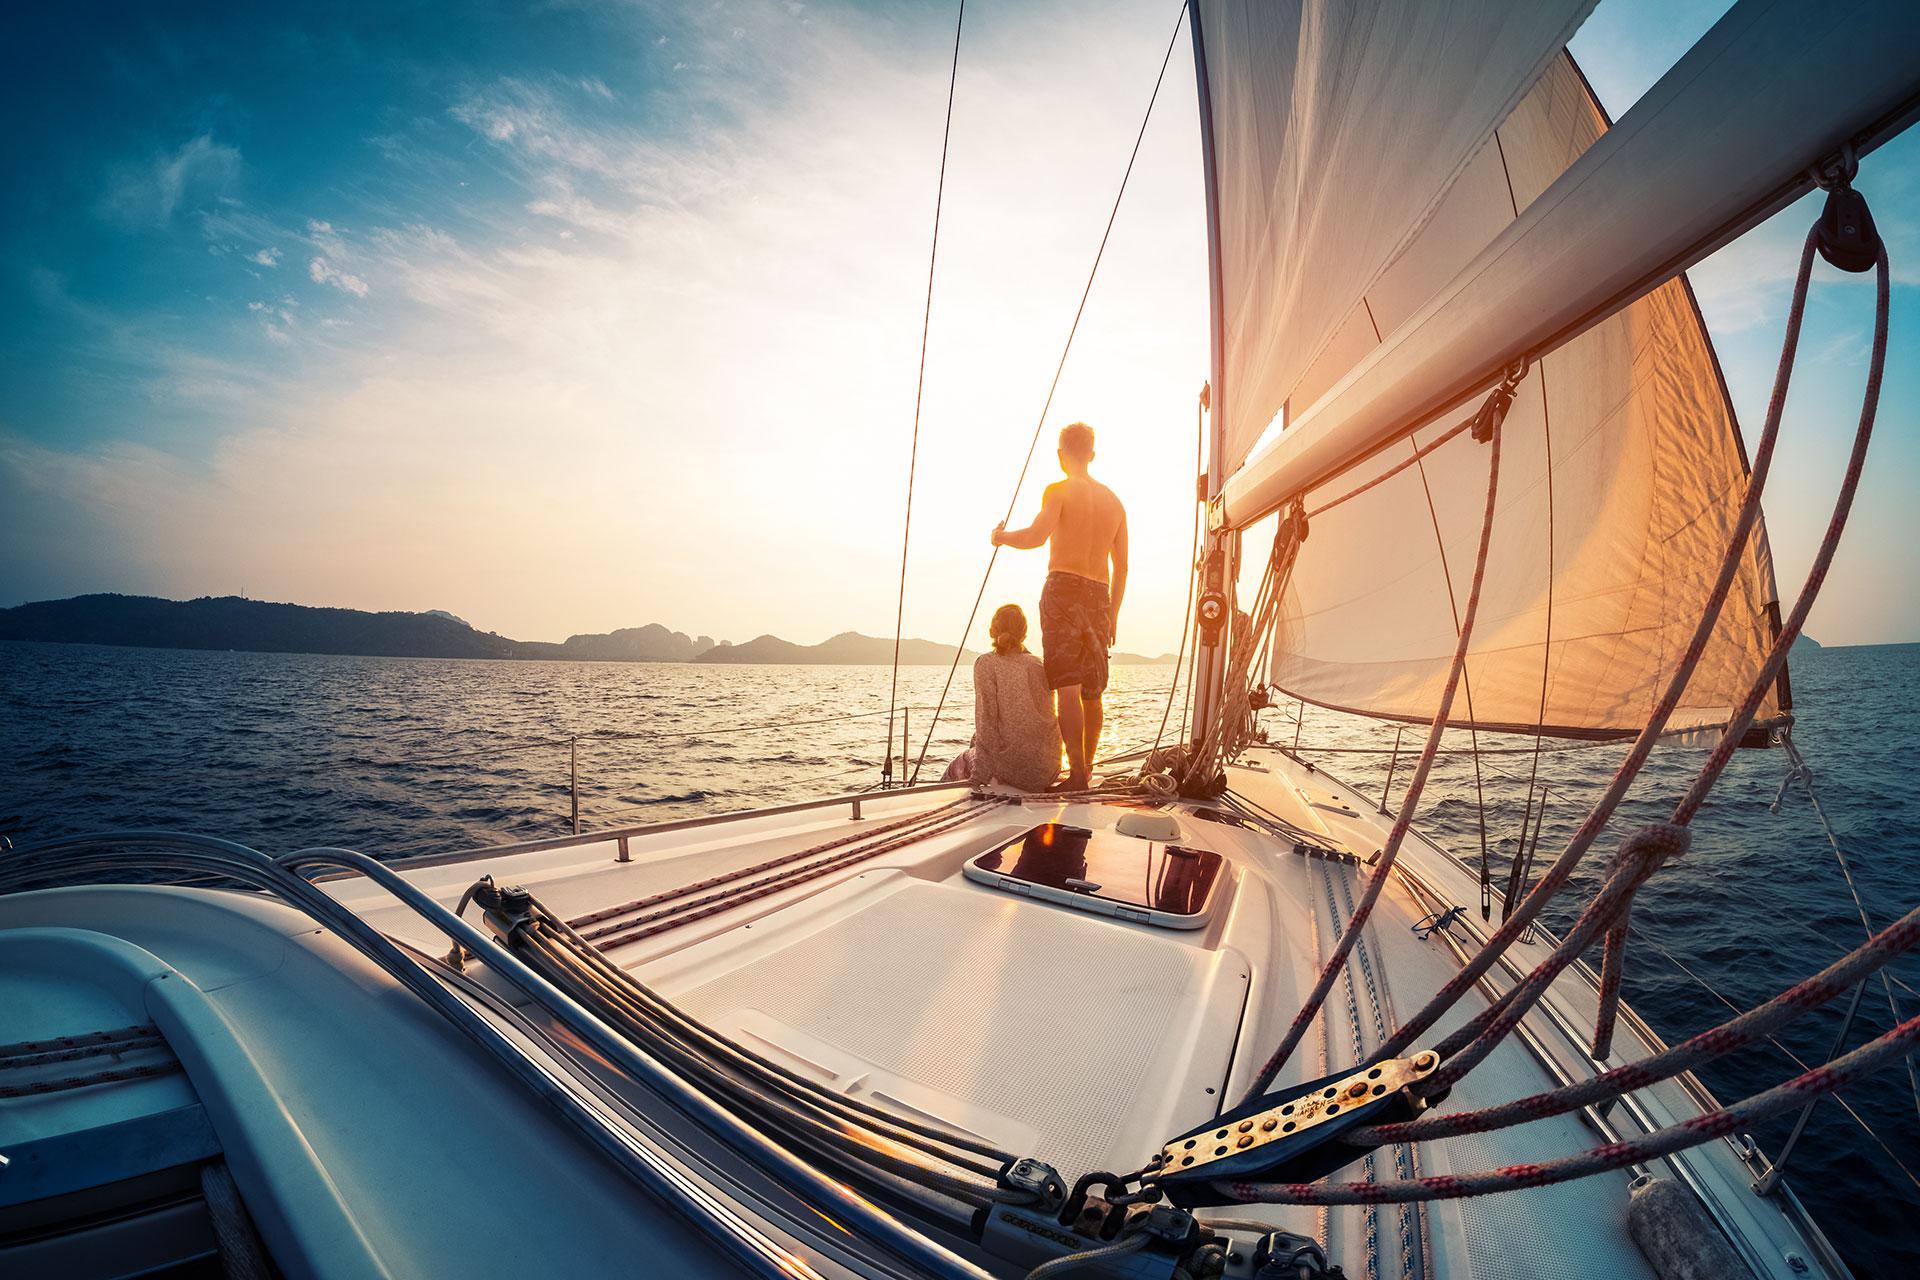 tudot_boat_insurance